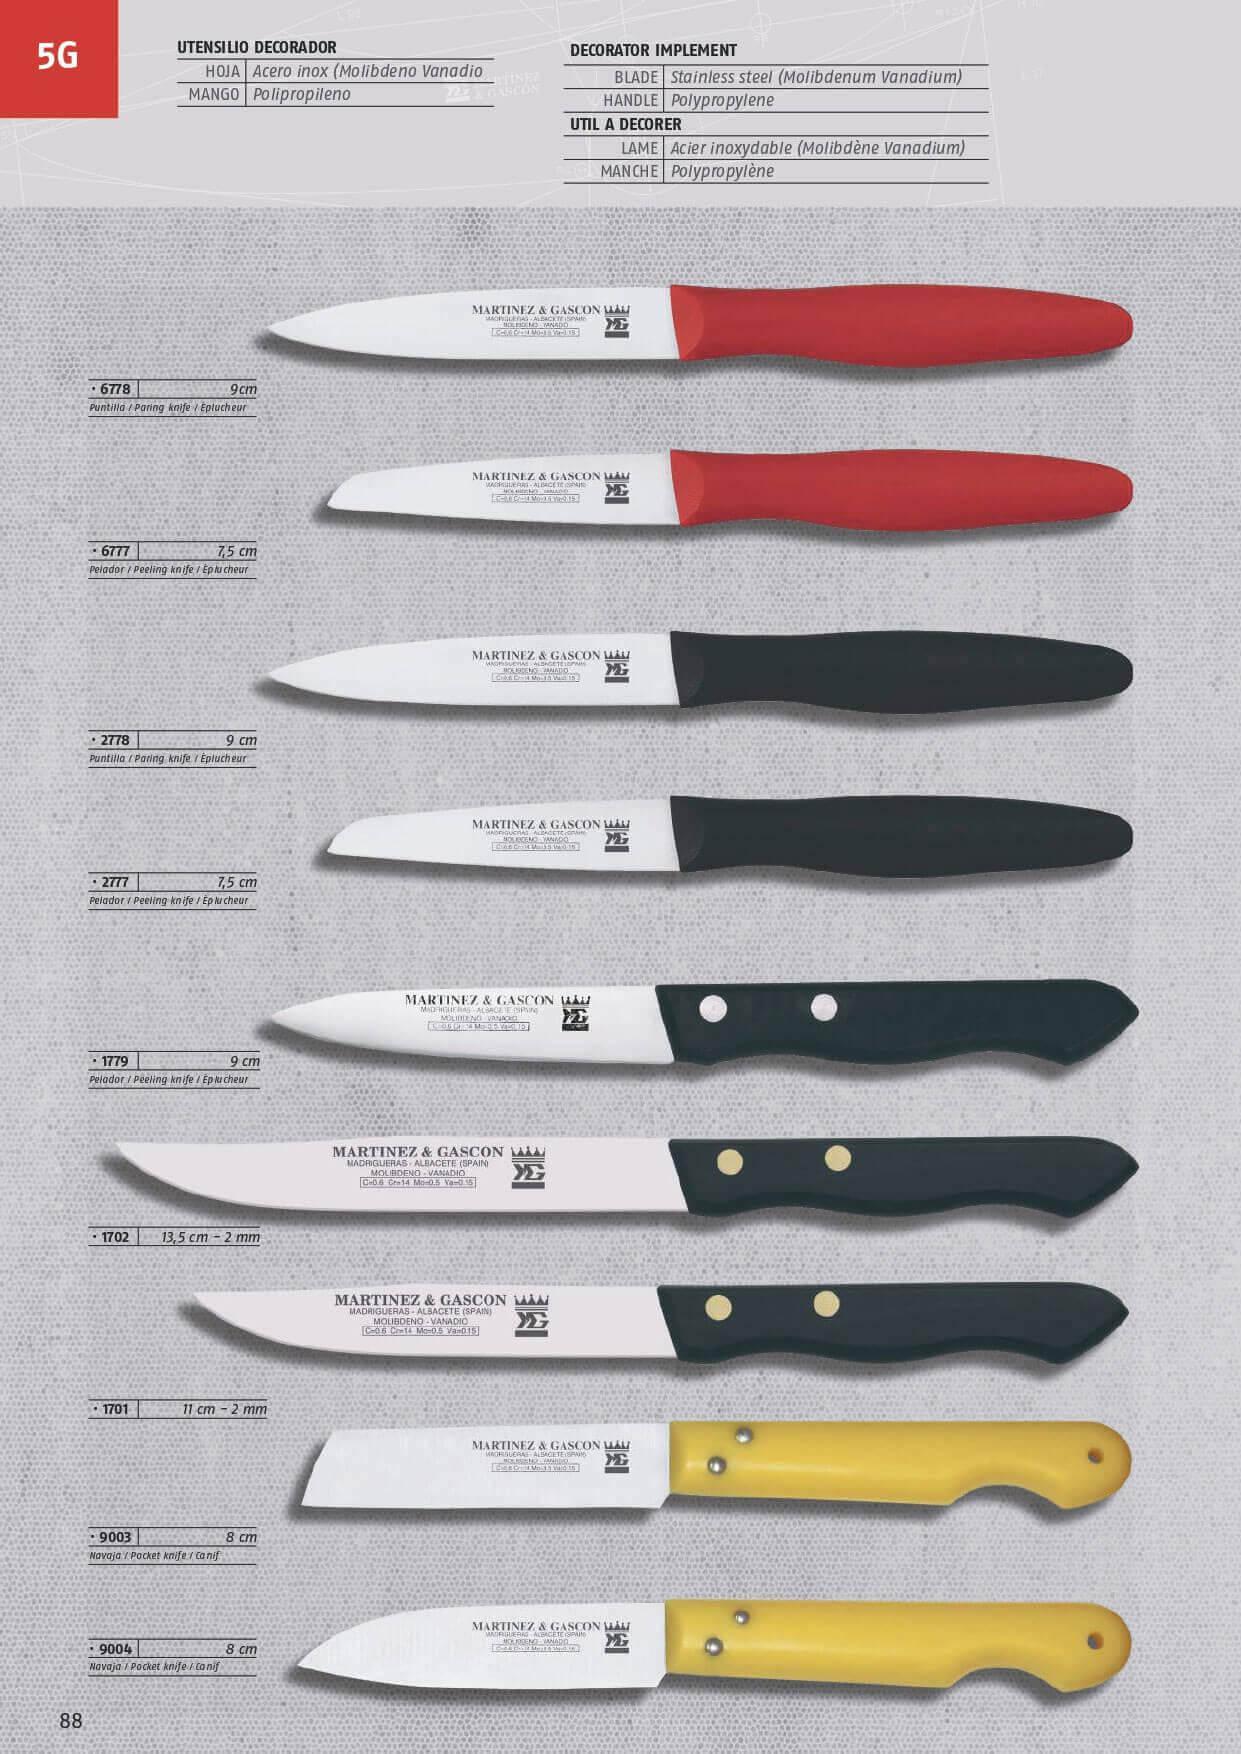 9731 cuchillos mesa martinez gascon menaje cocina - Cuchillos y menaje ...